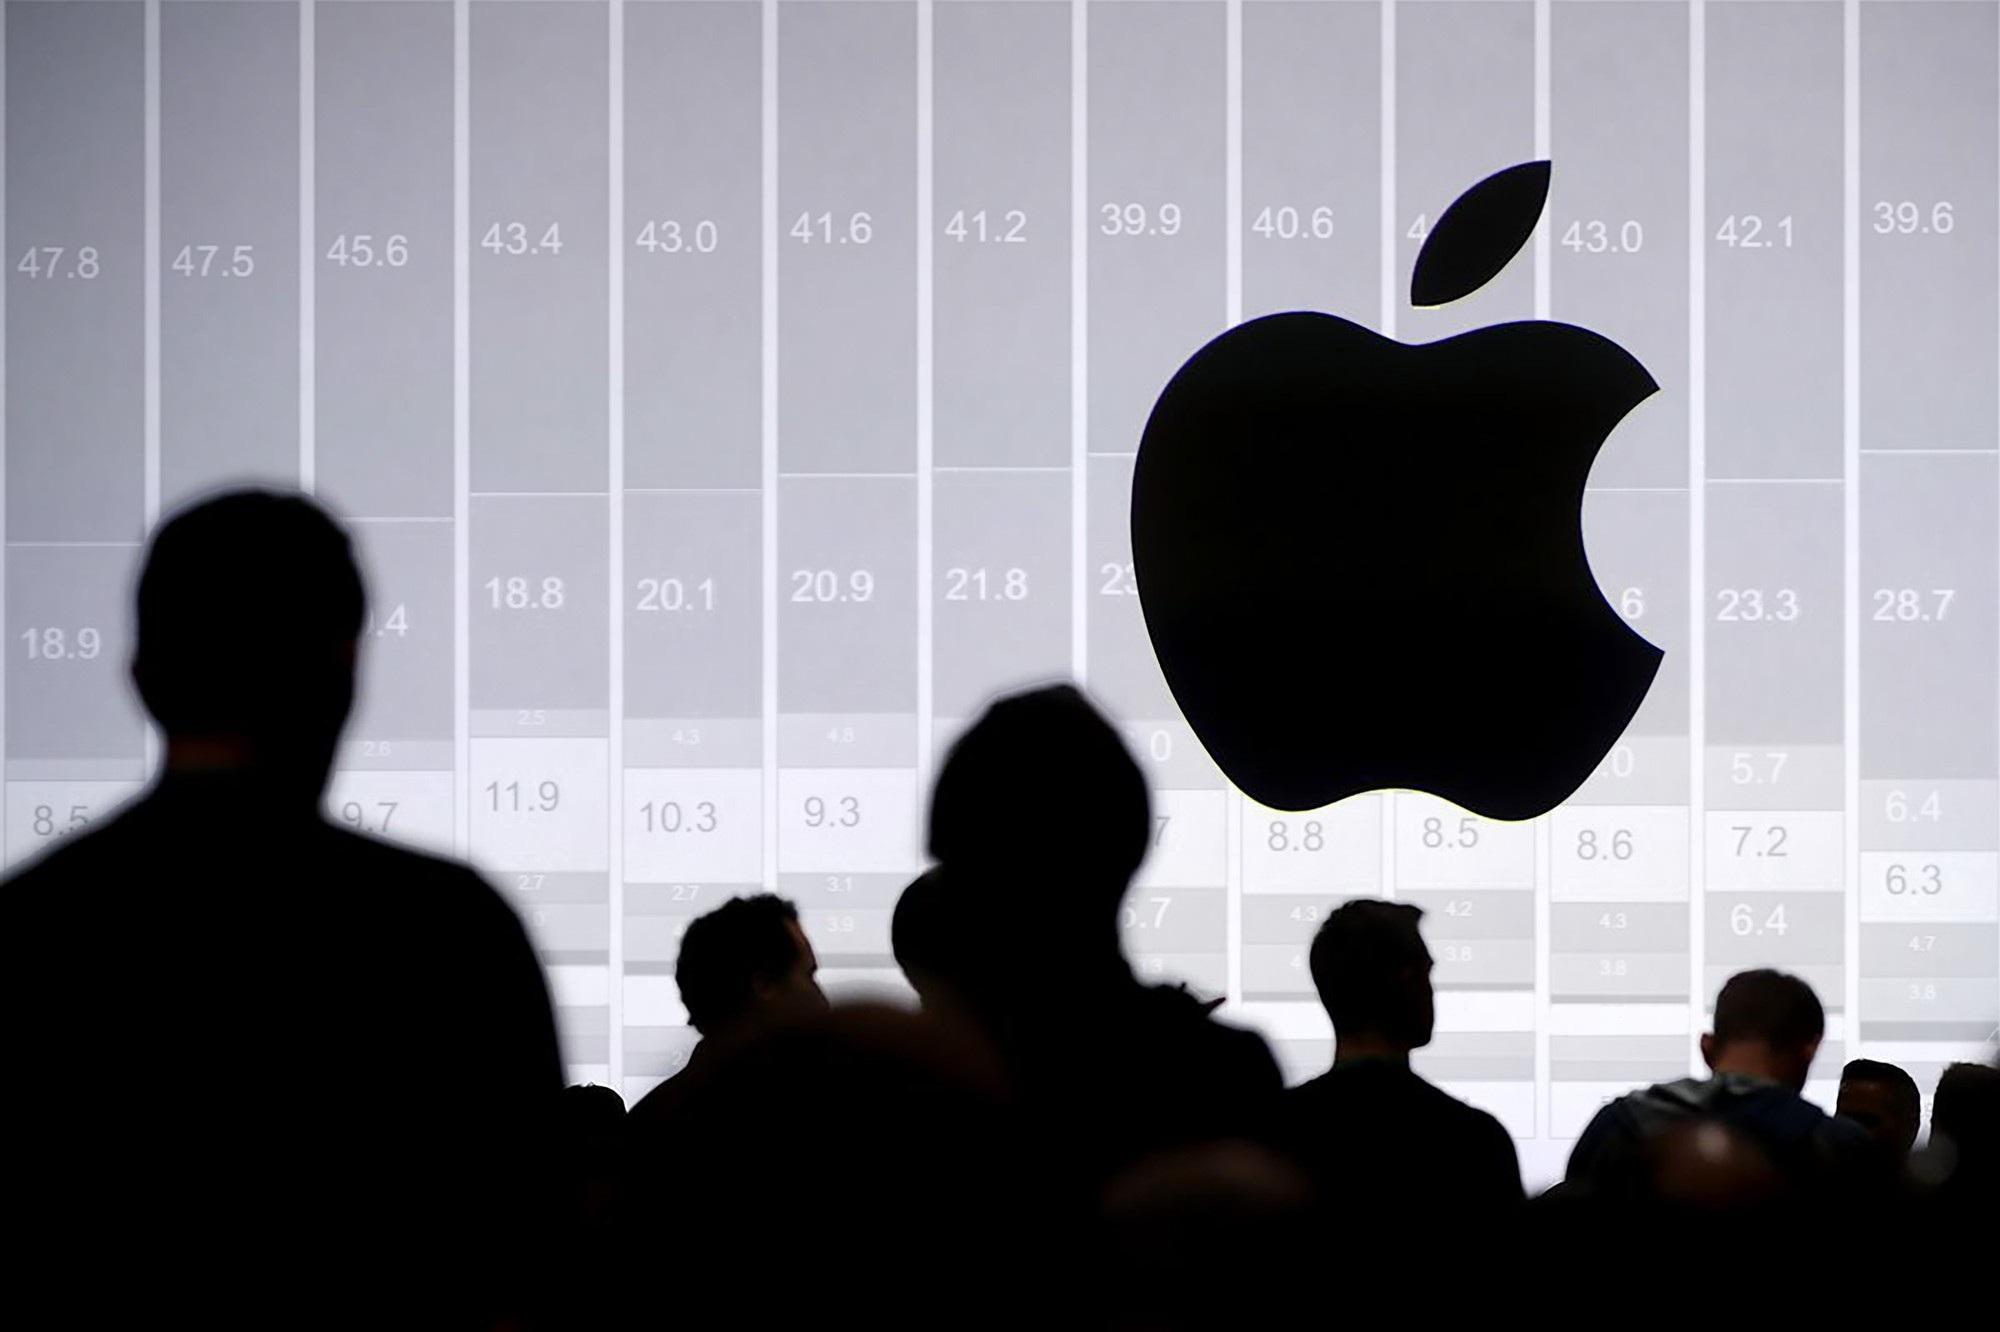 Apple tuyển giám đốc kinh doanh ở Việt Nam để quyết giành lại thị phần - Ảnh 2.